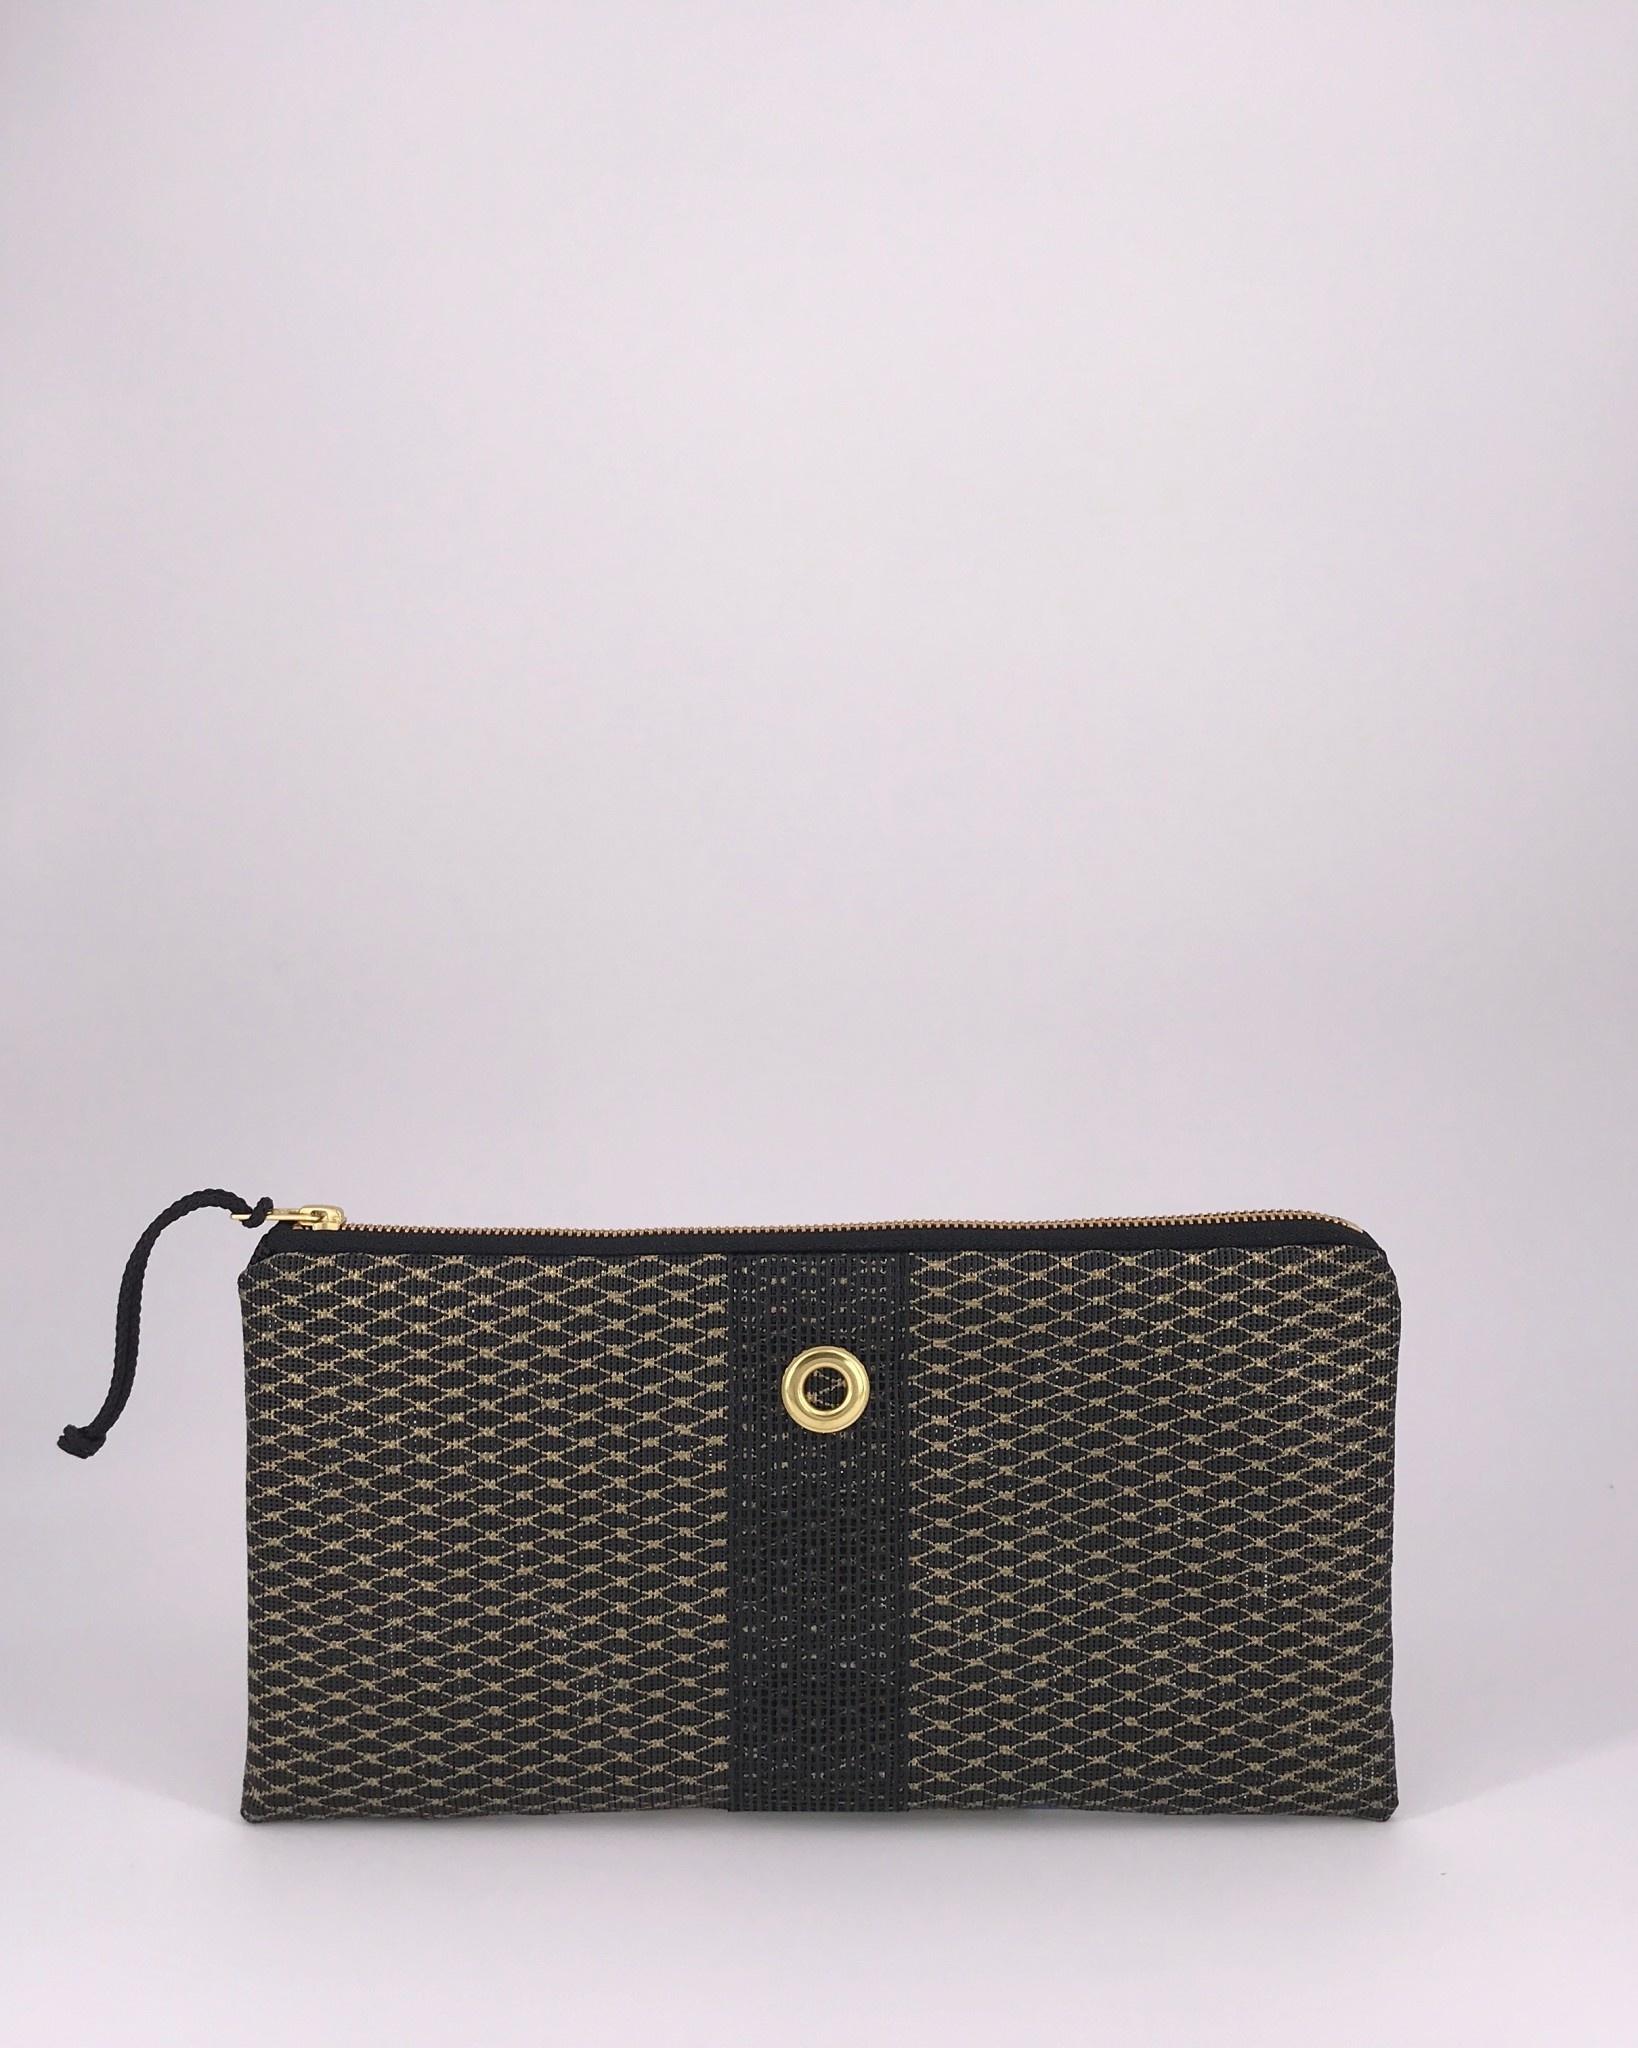 Alaina Marie ® Mini Gold on Black & Black Clutch